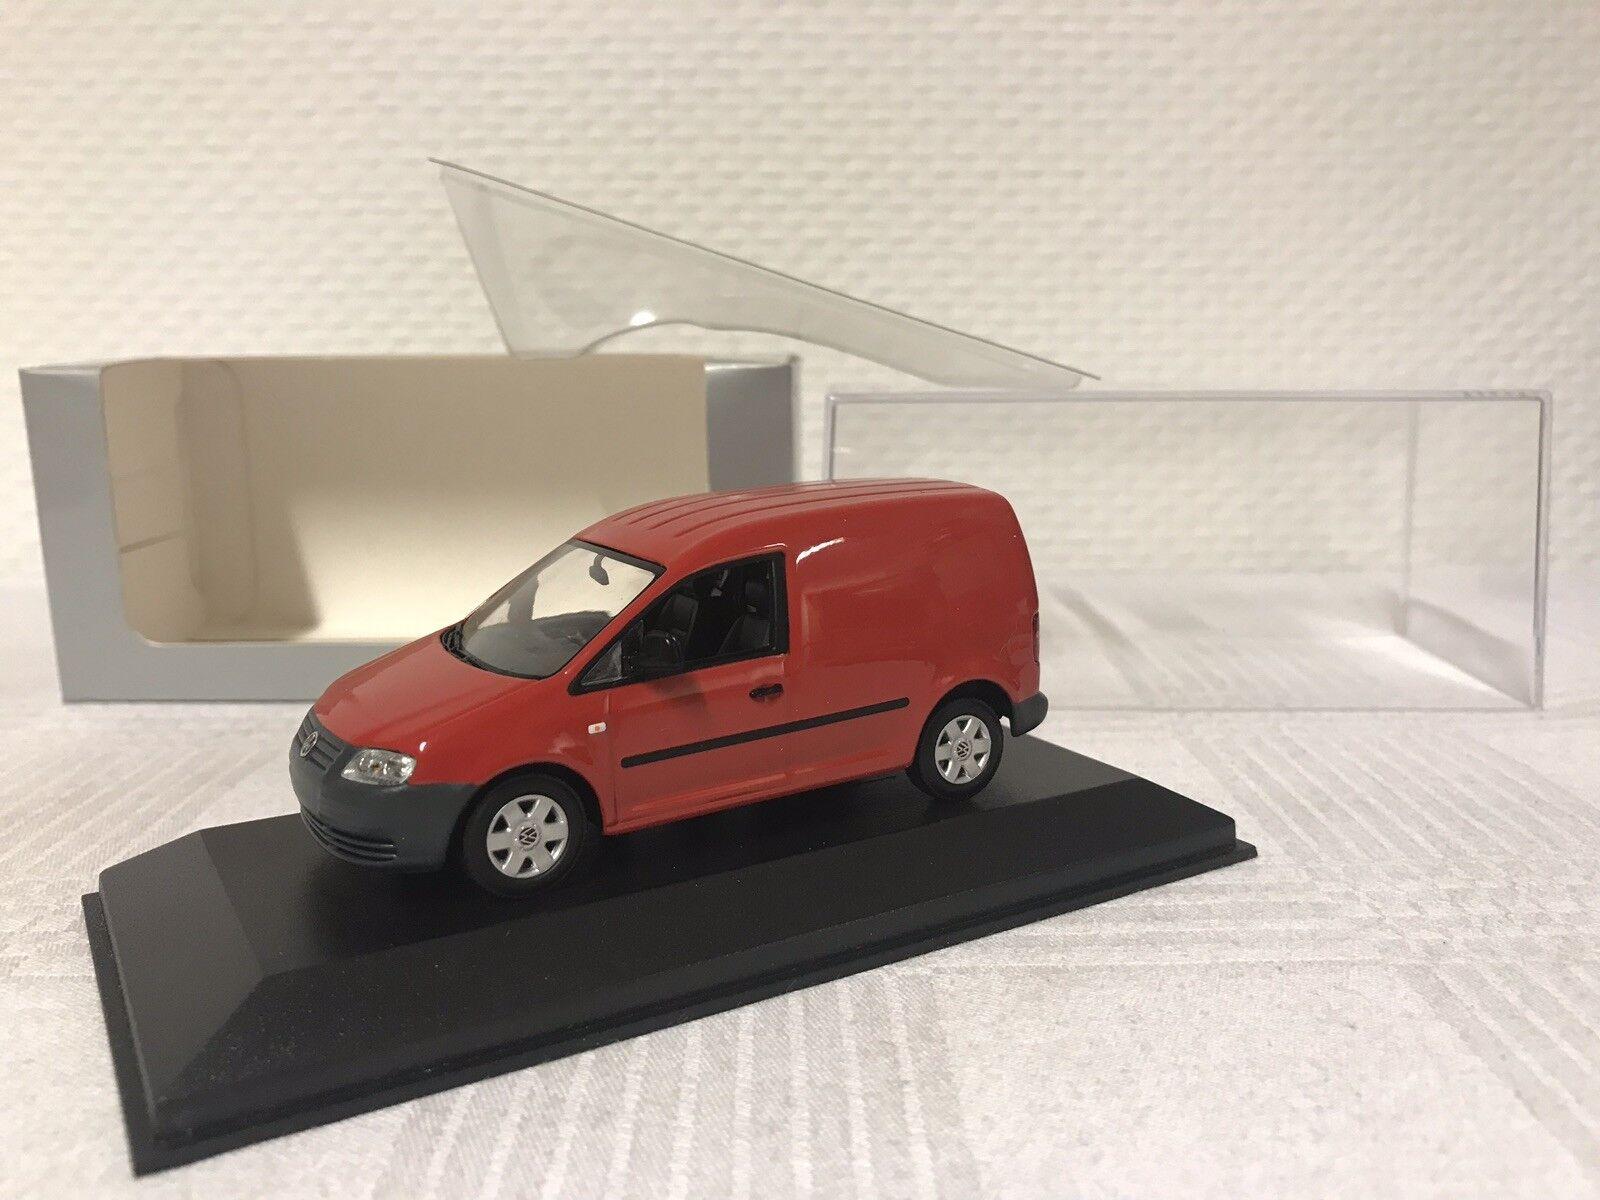 Minichamps 1 1 1 43 VW Caddy coche modelo modelcar scale model car regalo van rojo ed96ee